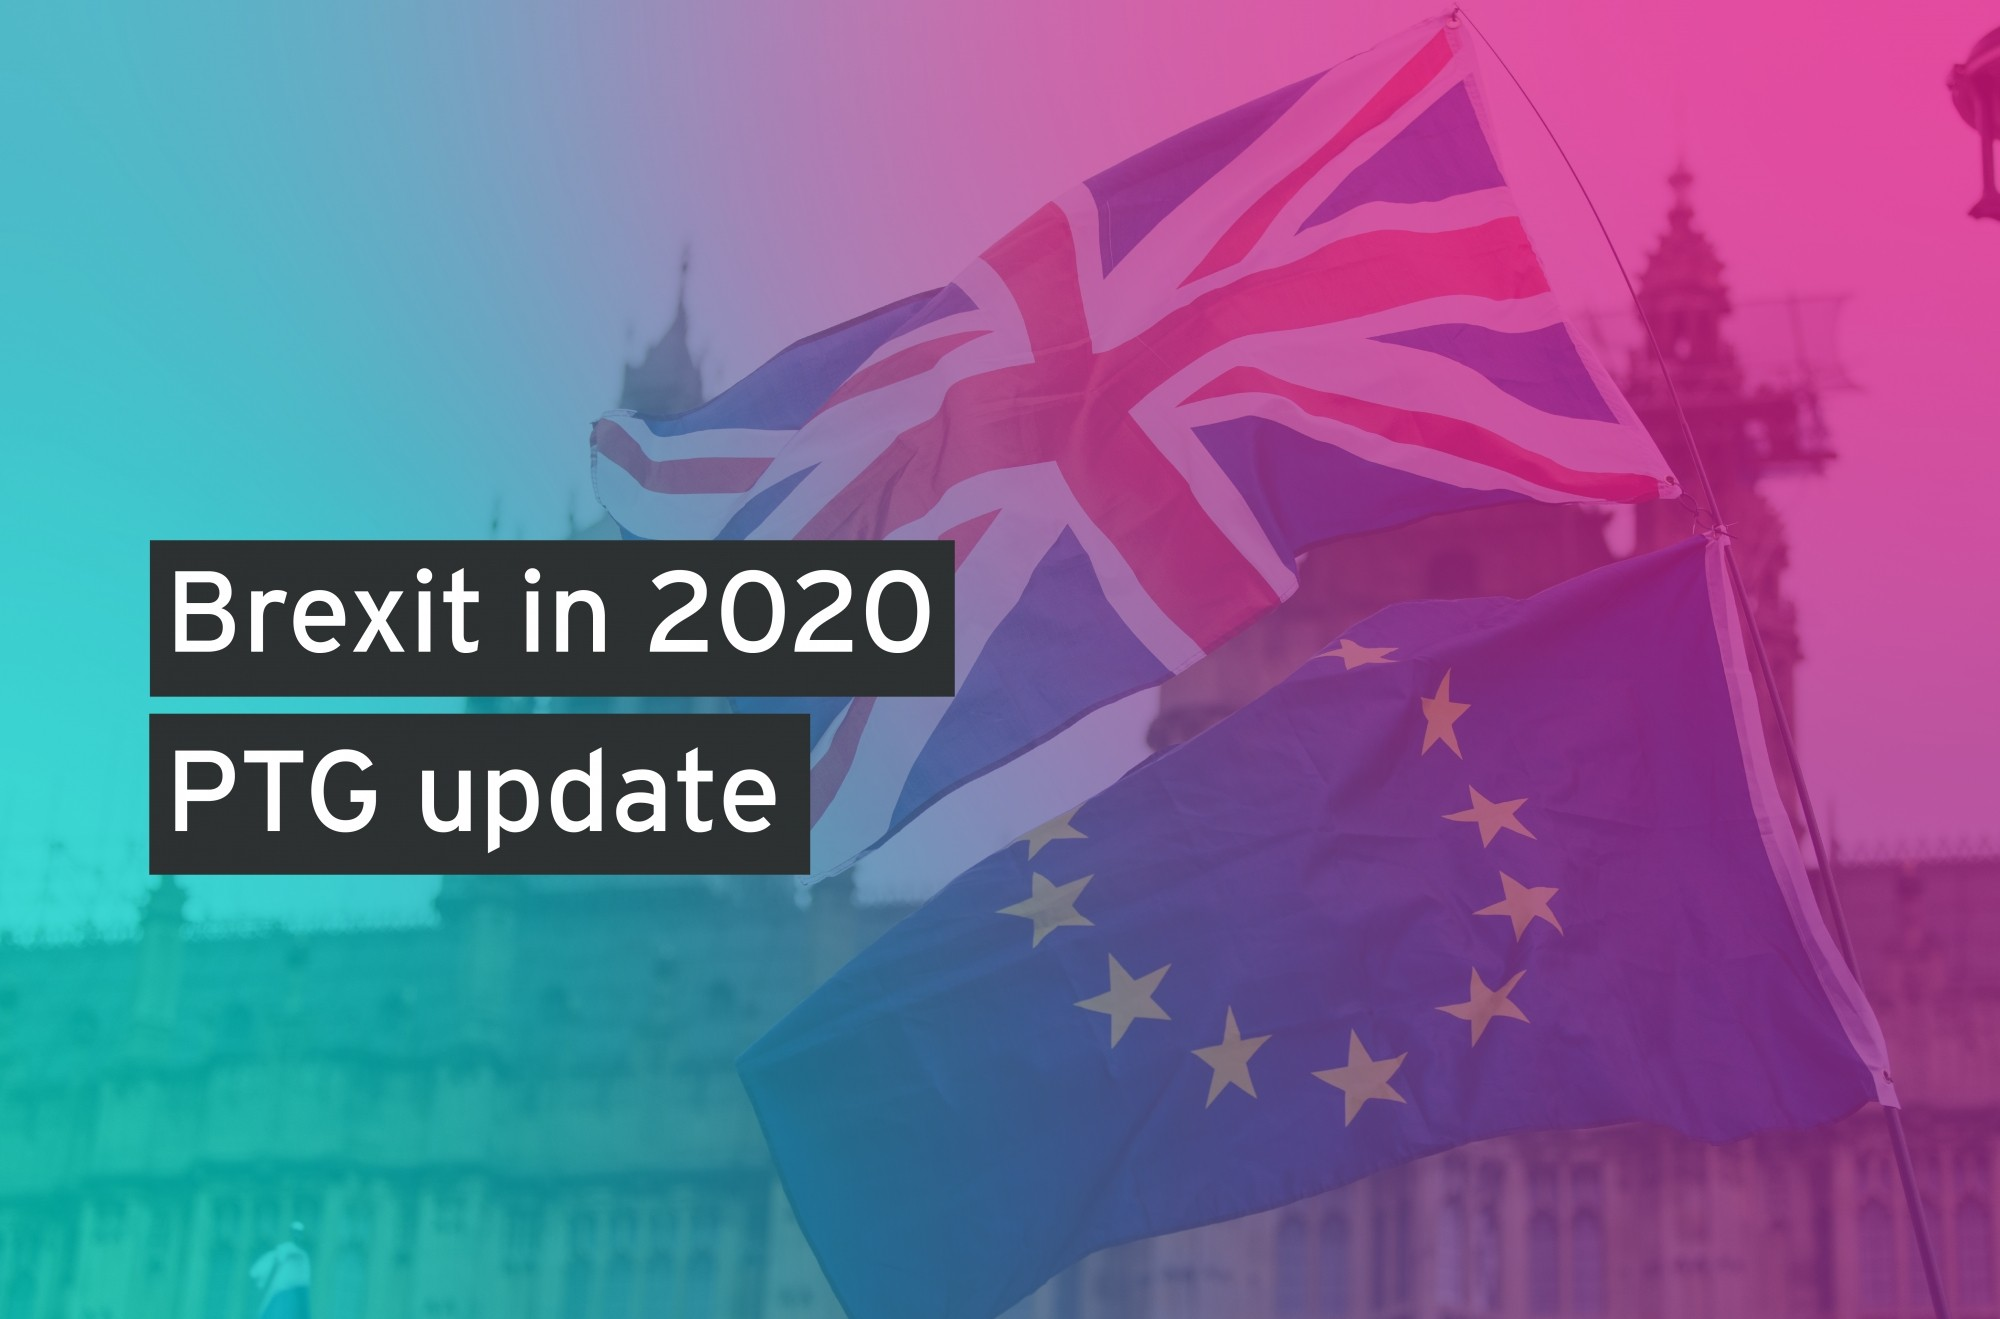 brexit 3 final-01